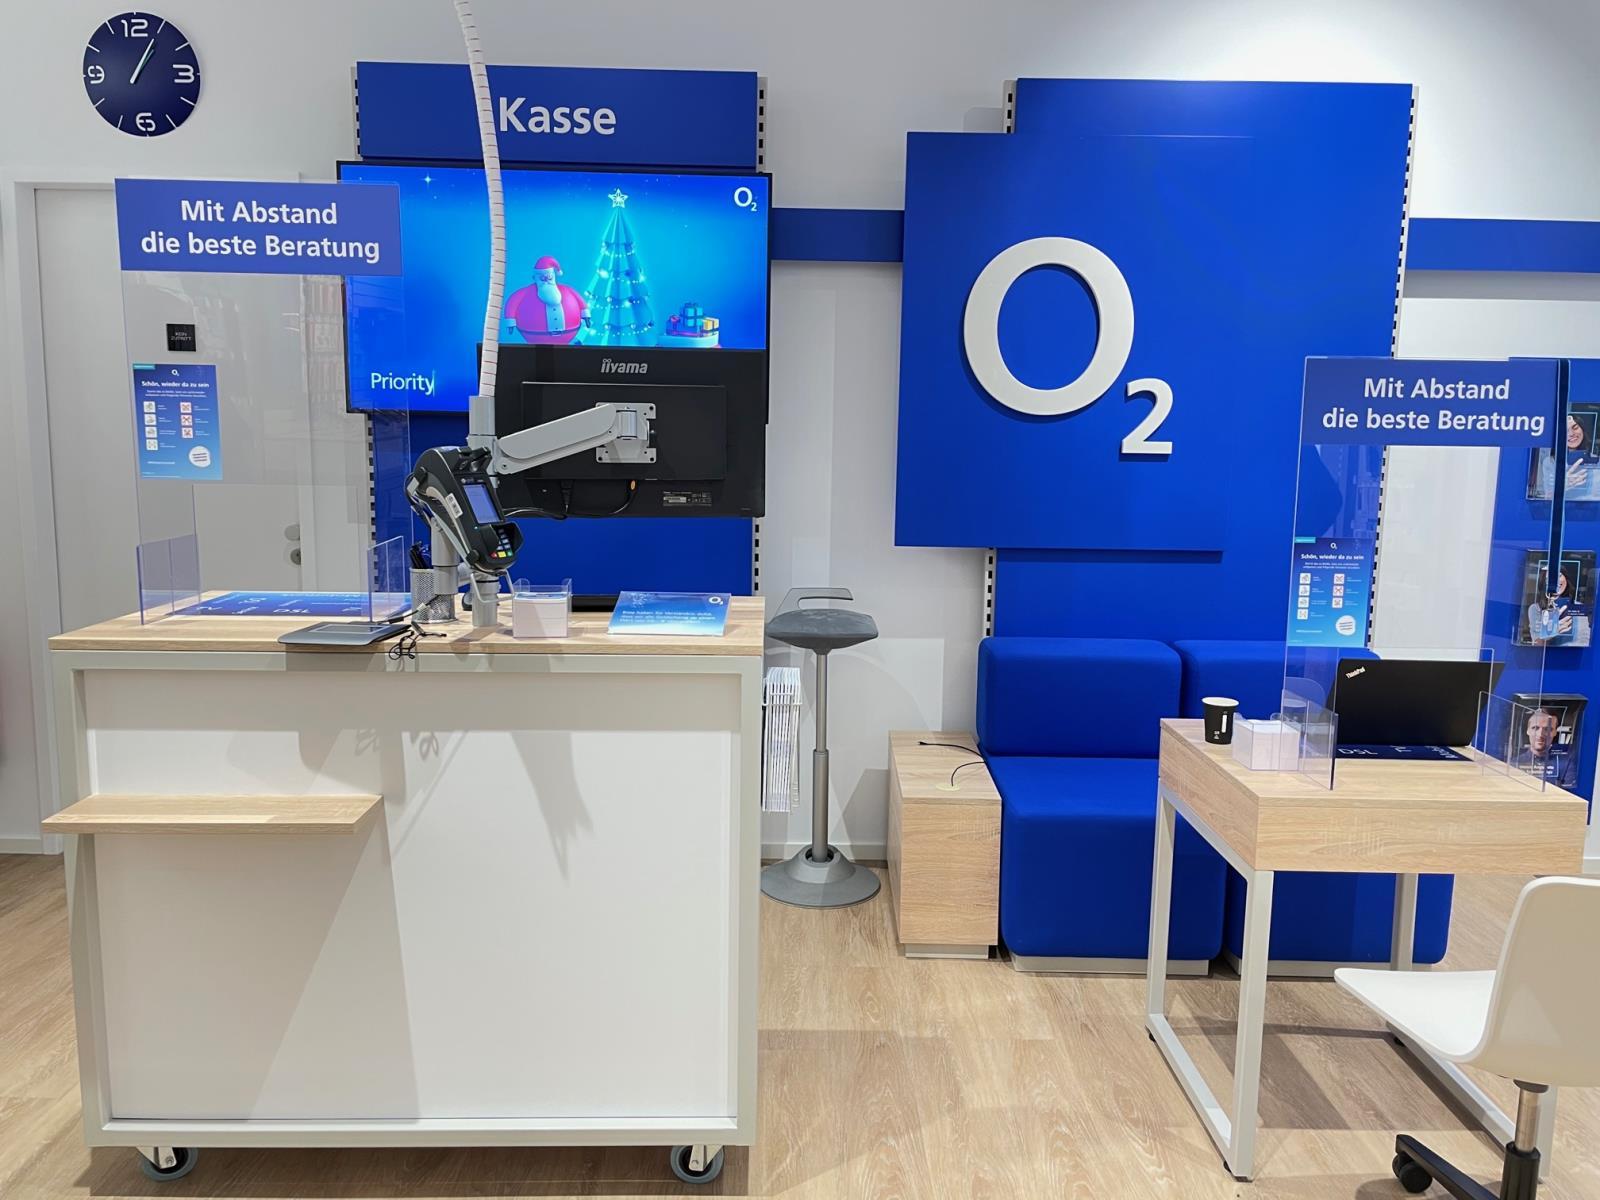 o2 shop braunschweig platz am ritterbrunnen 1. Black Bedroom Furniture Sets. Home Design Ideas